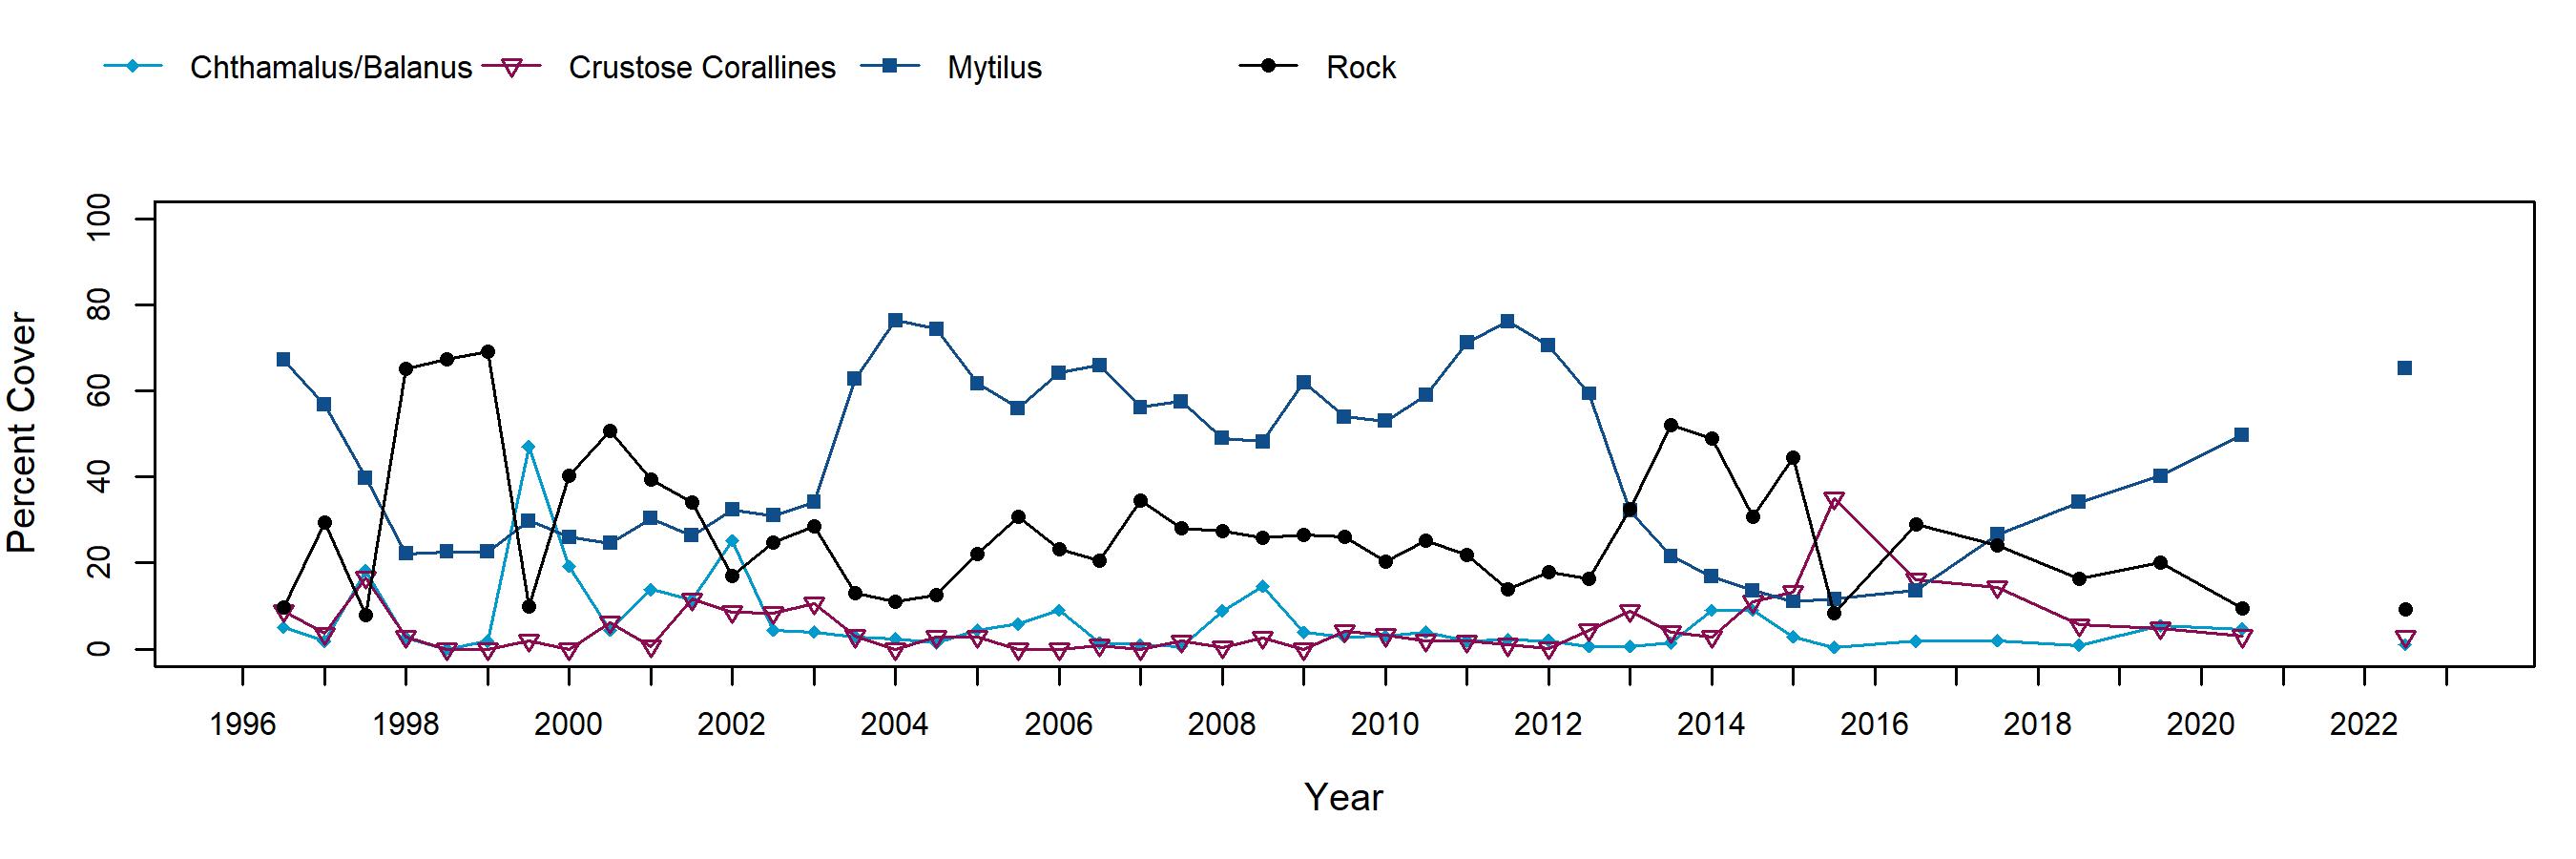 Treasure Island Mytilus trend plot